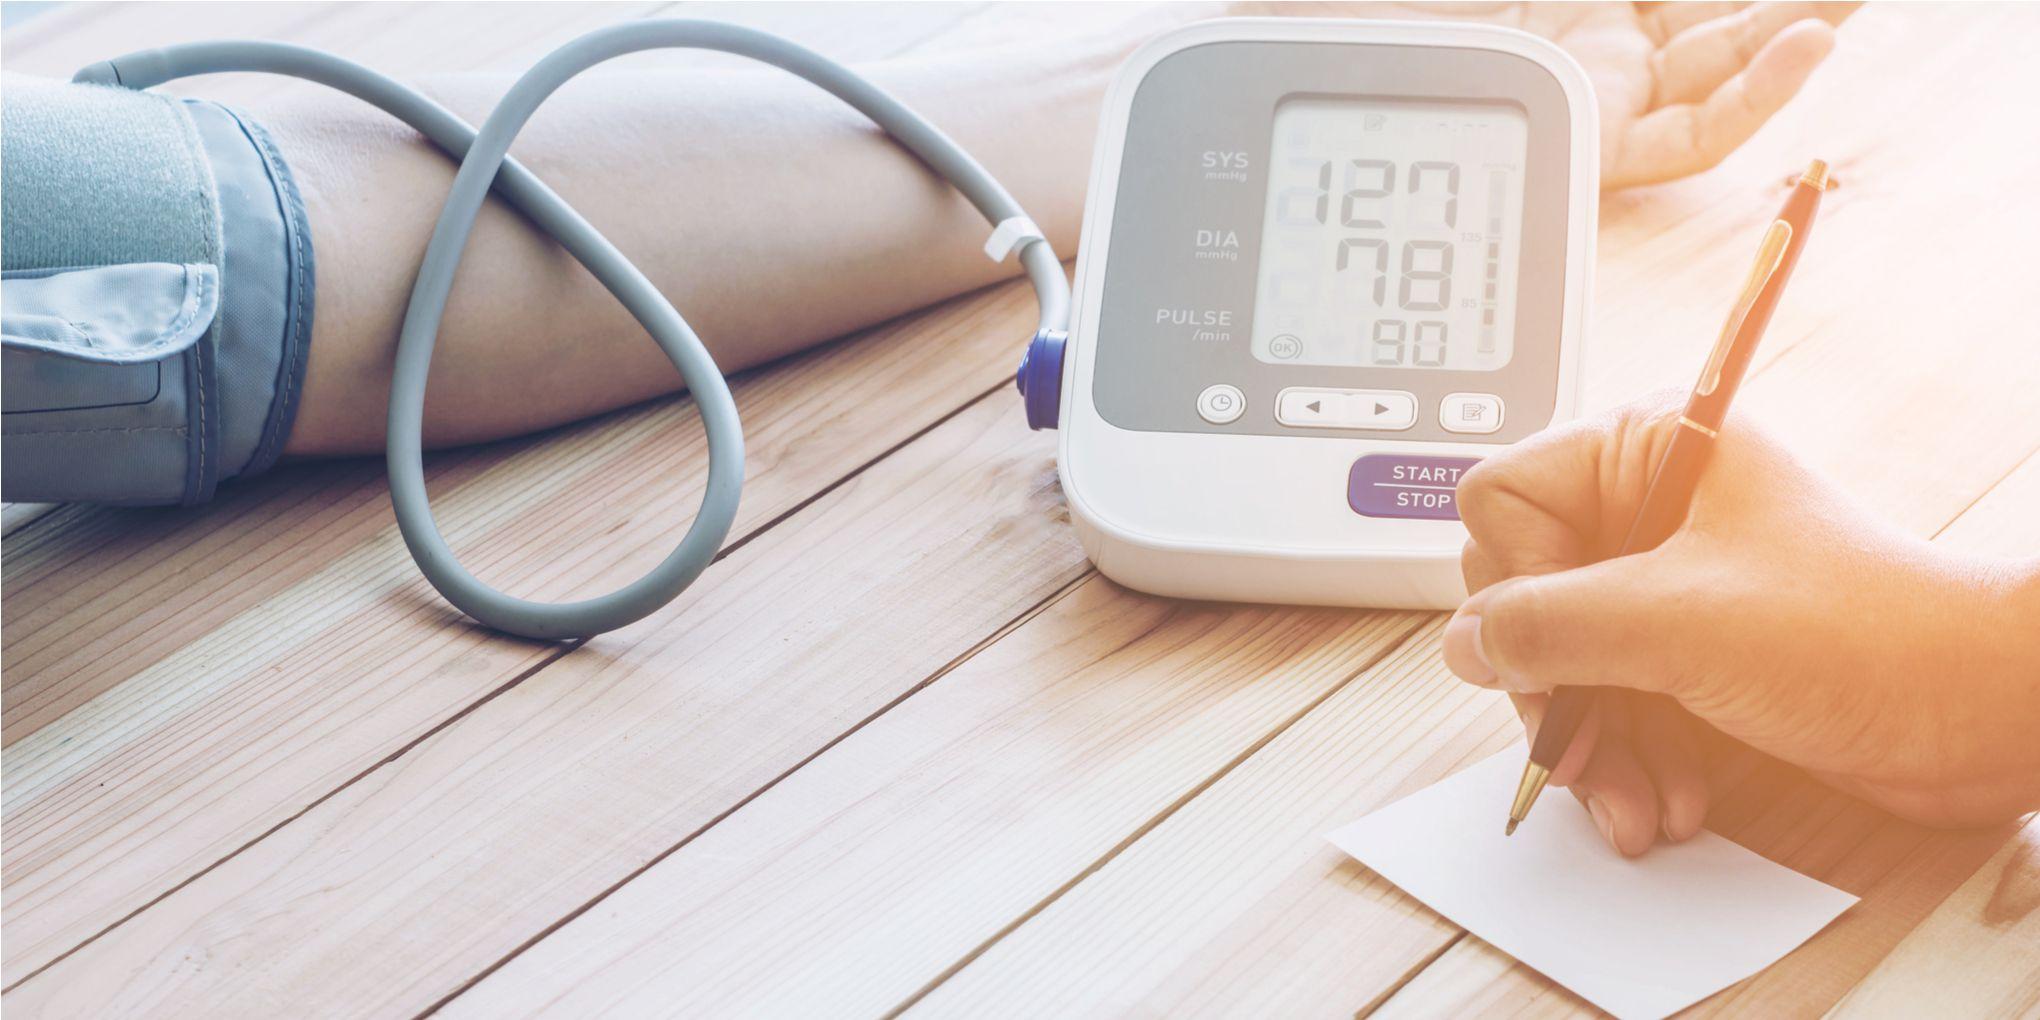 mentalno uzrokuje povišeni krvni tlak